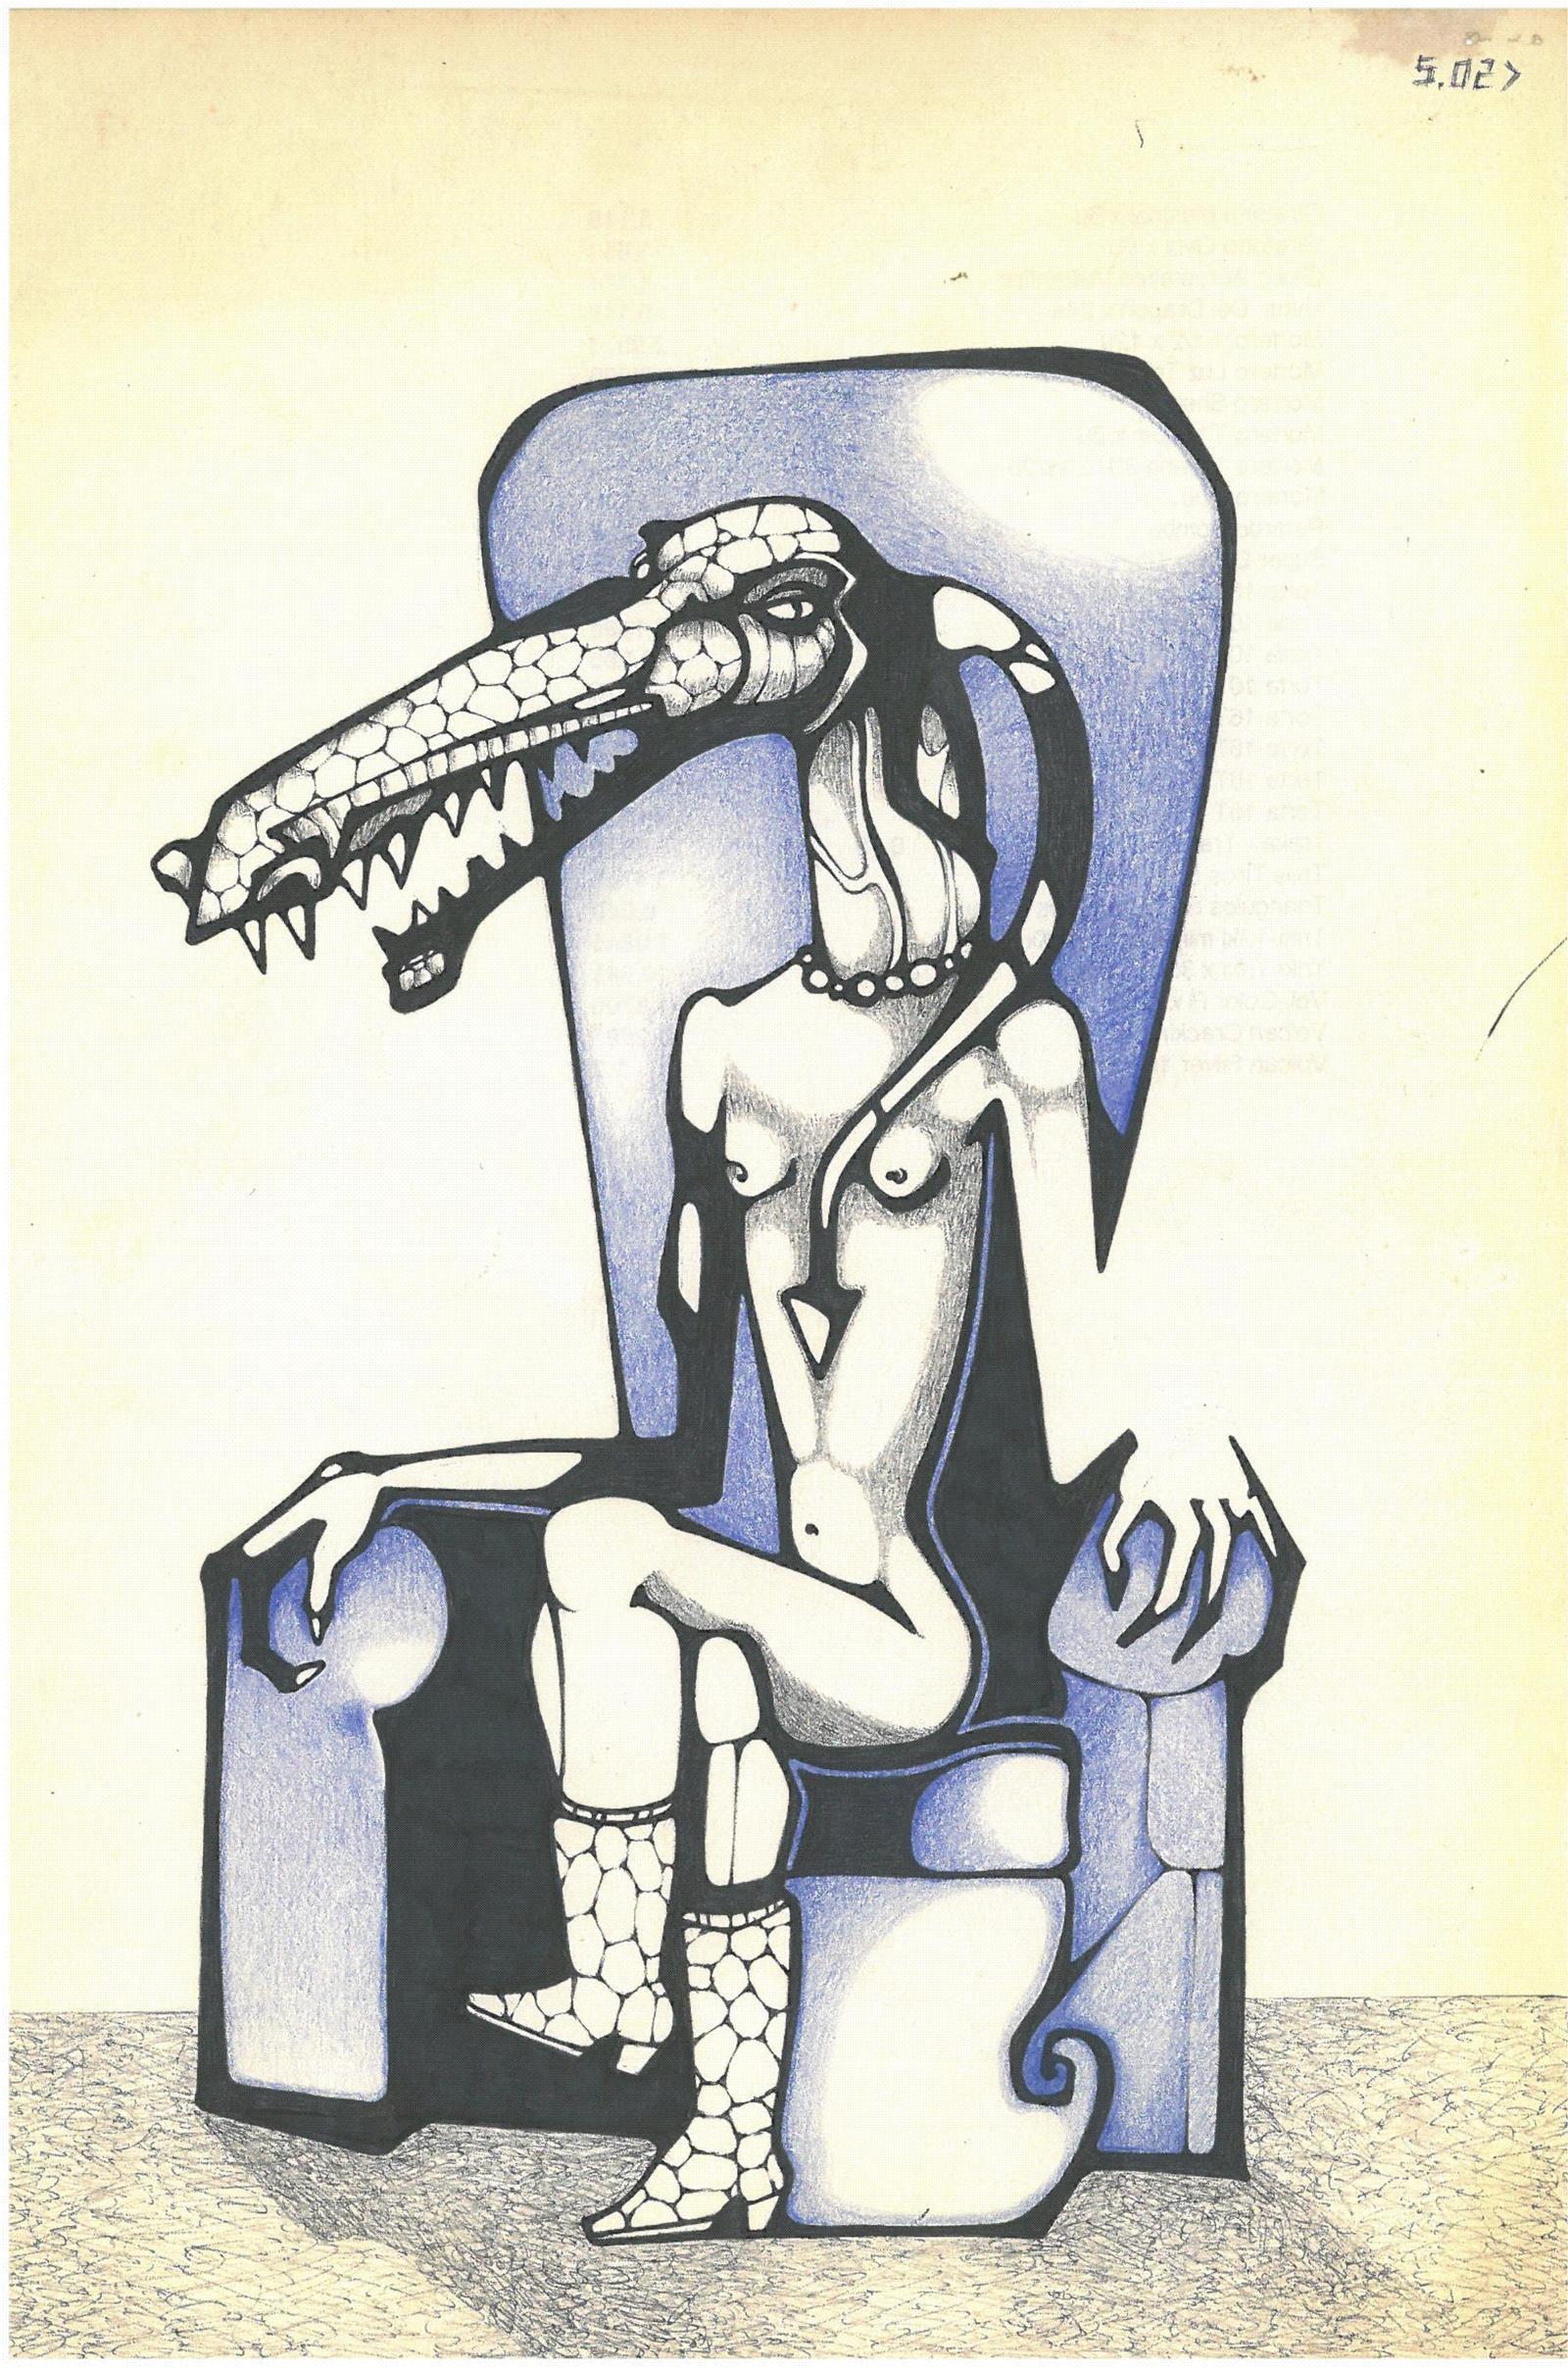 crocodile woman by solecancinos